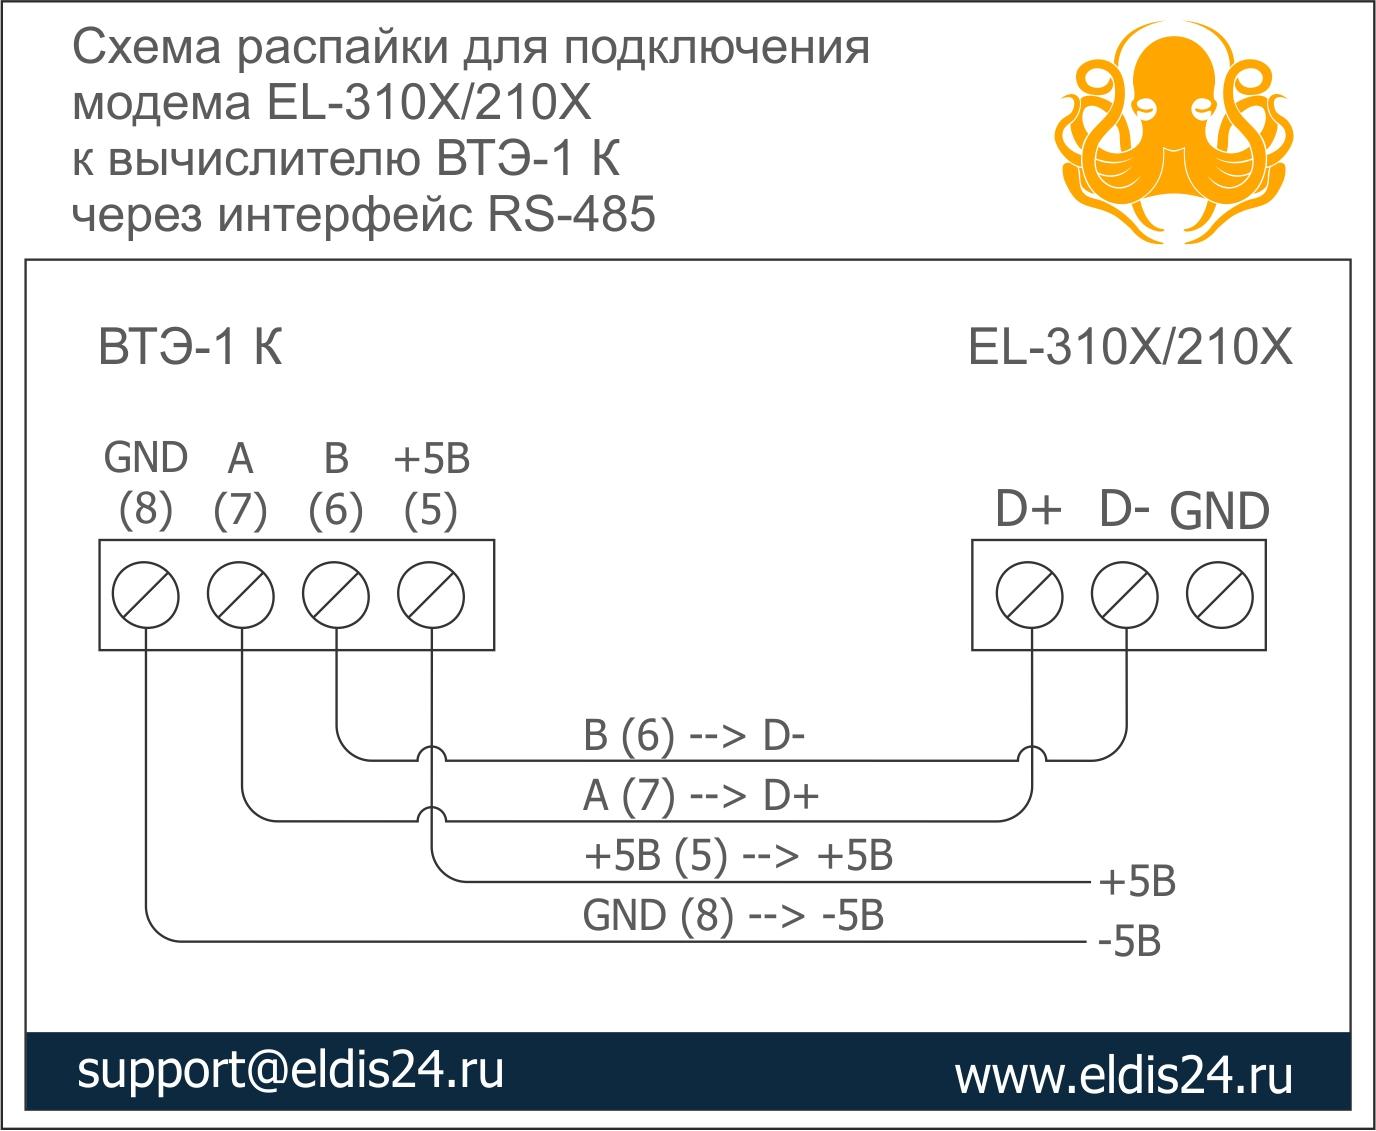 3059563dd8fca7ede14985dce7acbcf5.jpg